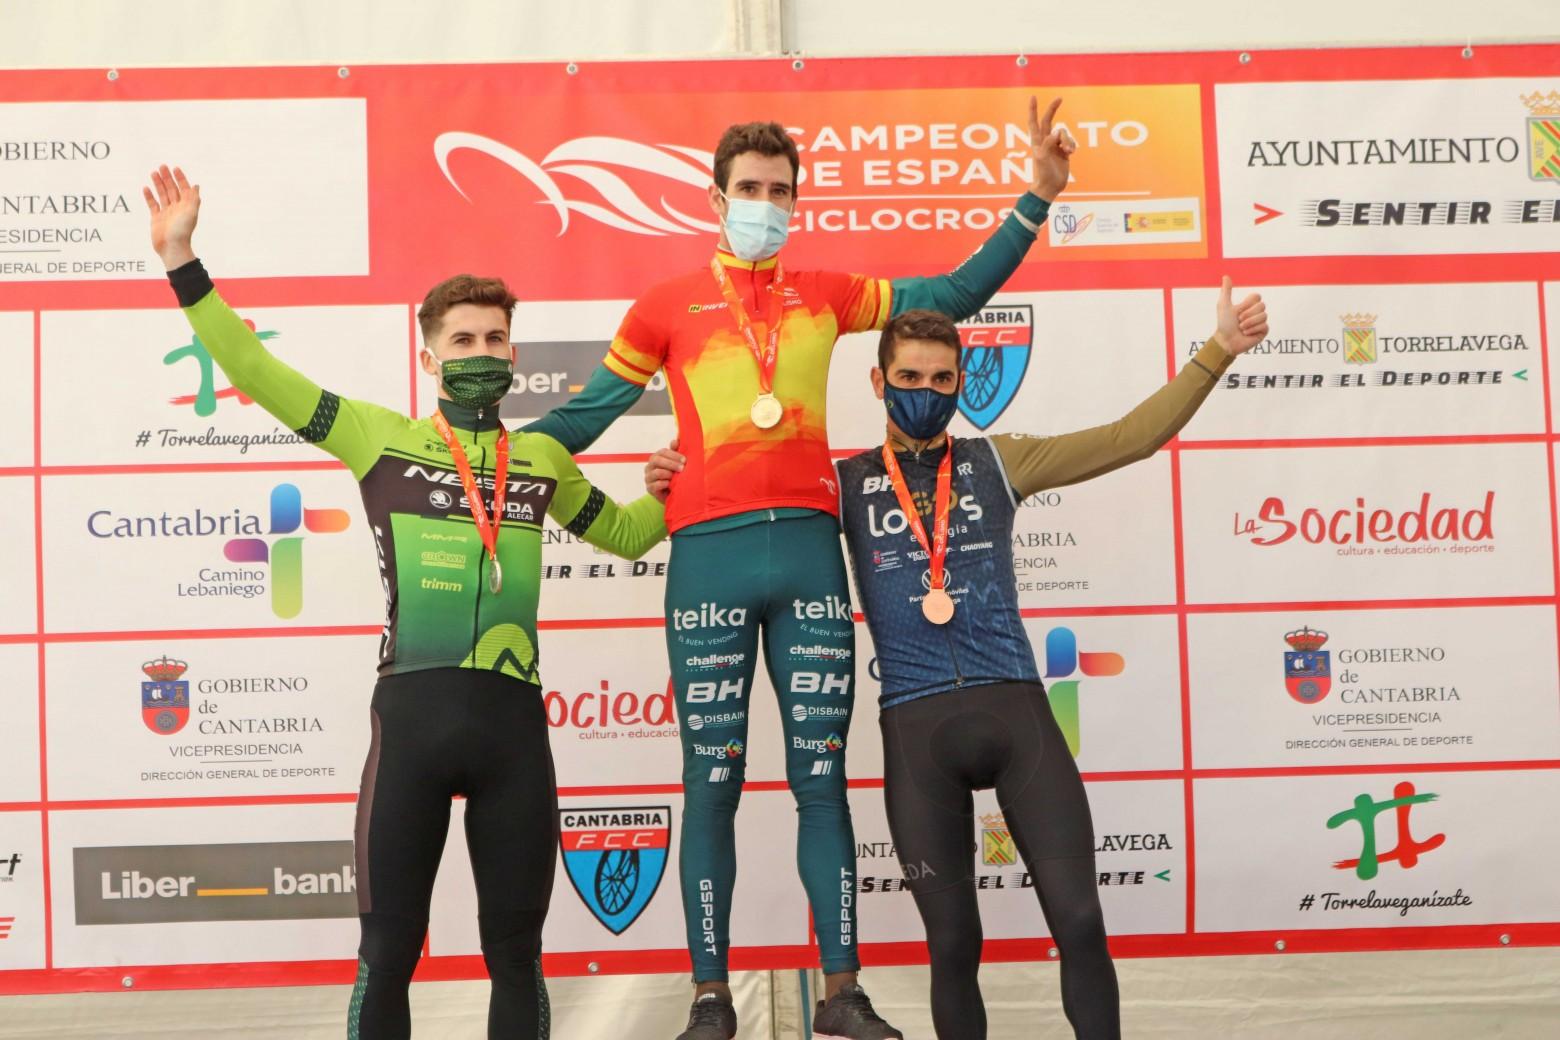 Felipe Orts campeonato España CX